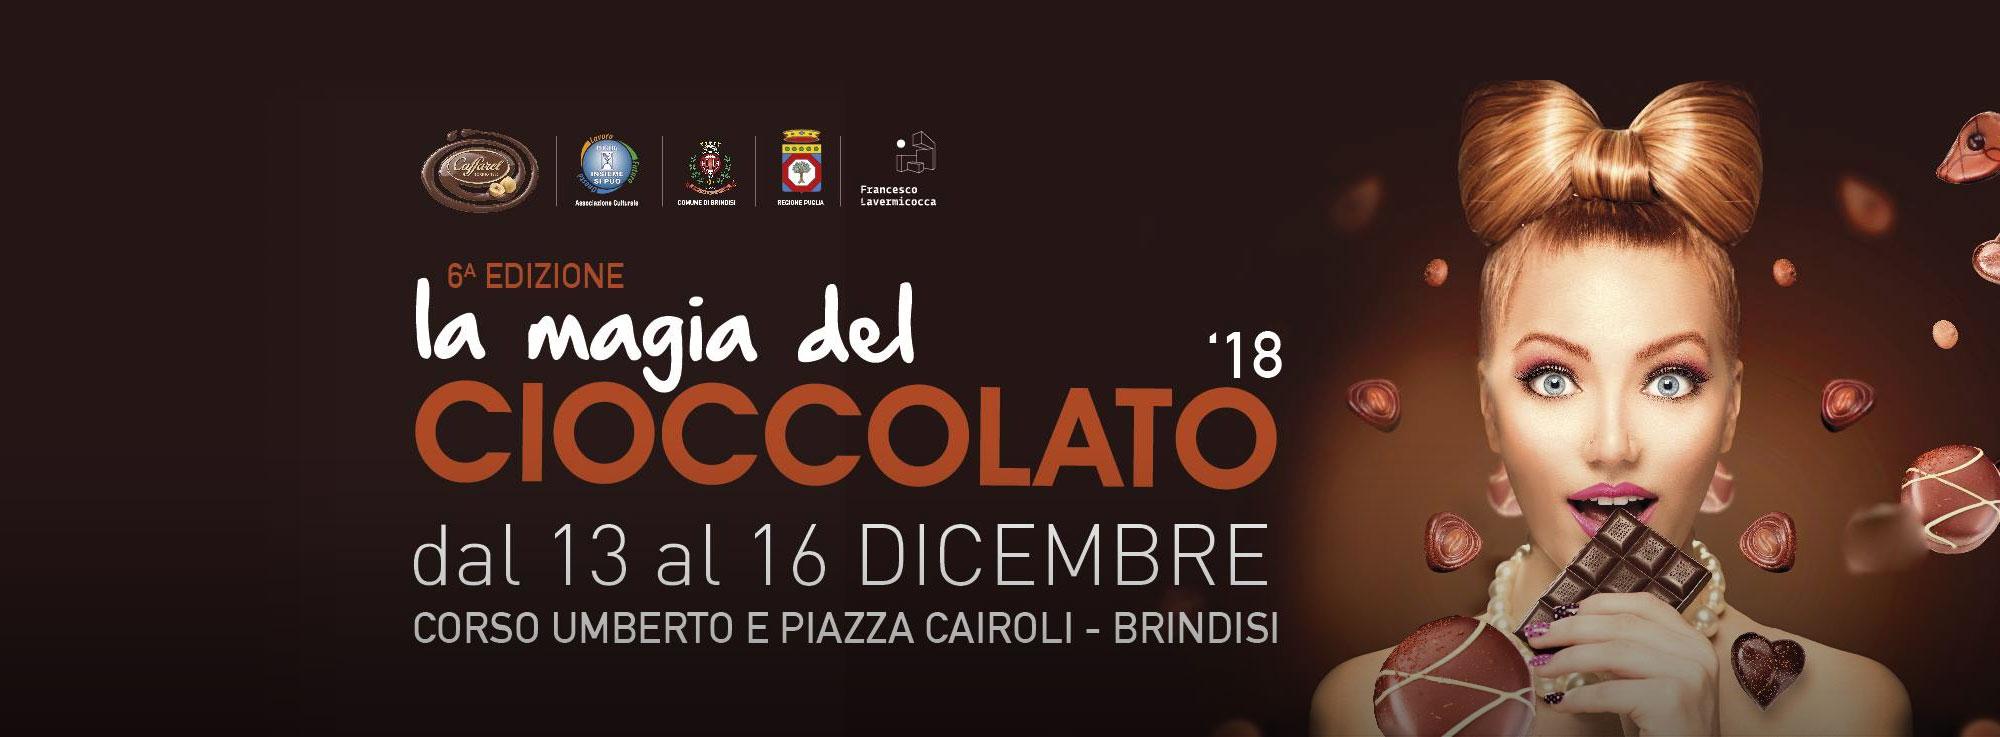 Brindisi: La Magia del Cioccolato